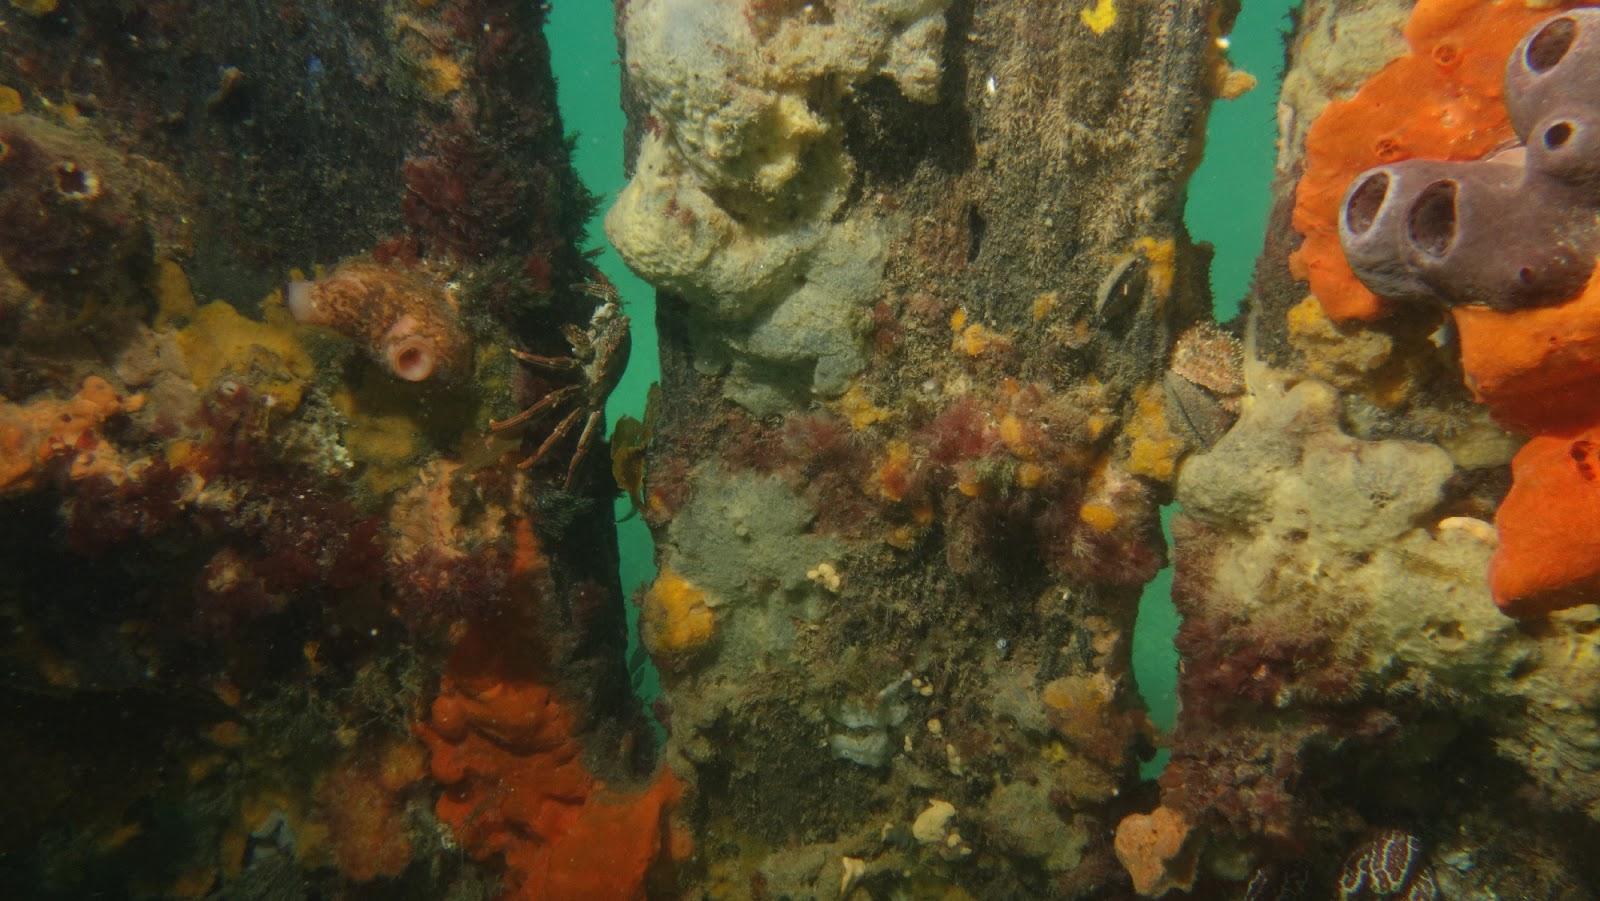 Diving: Blairgowrie Pier